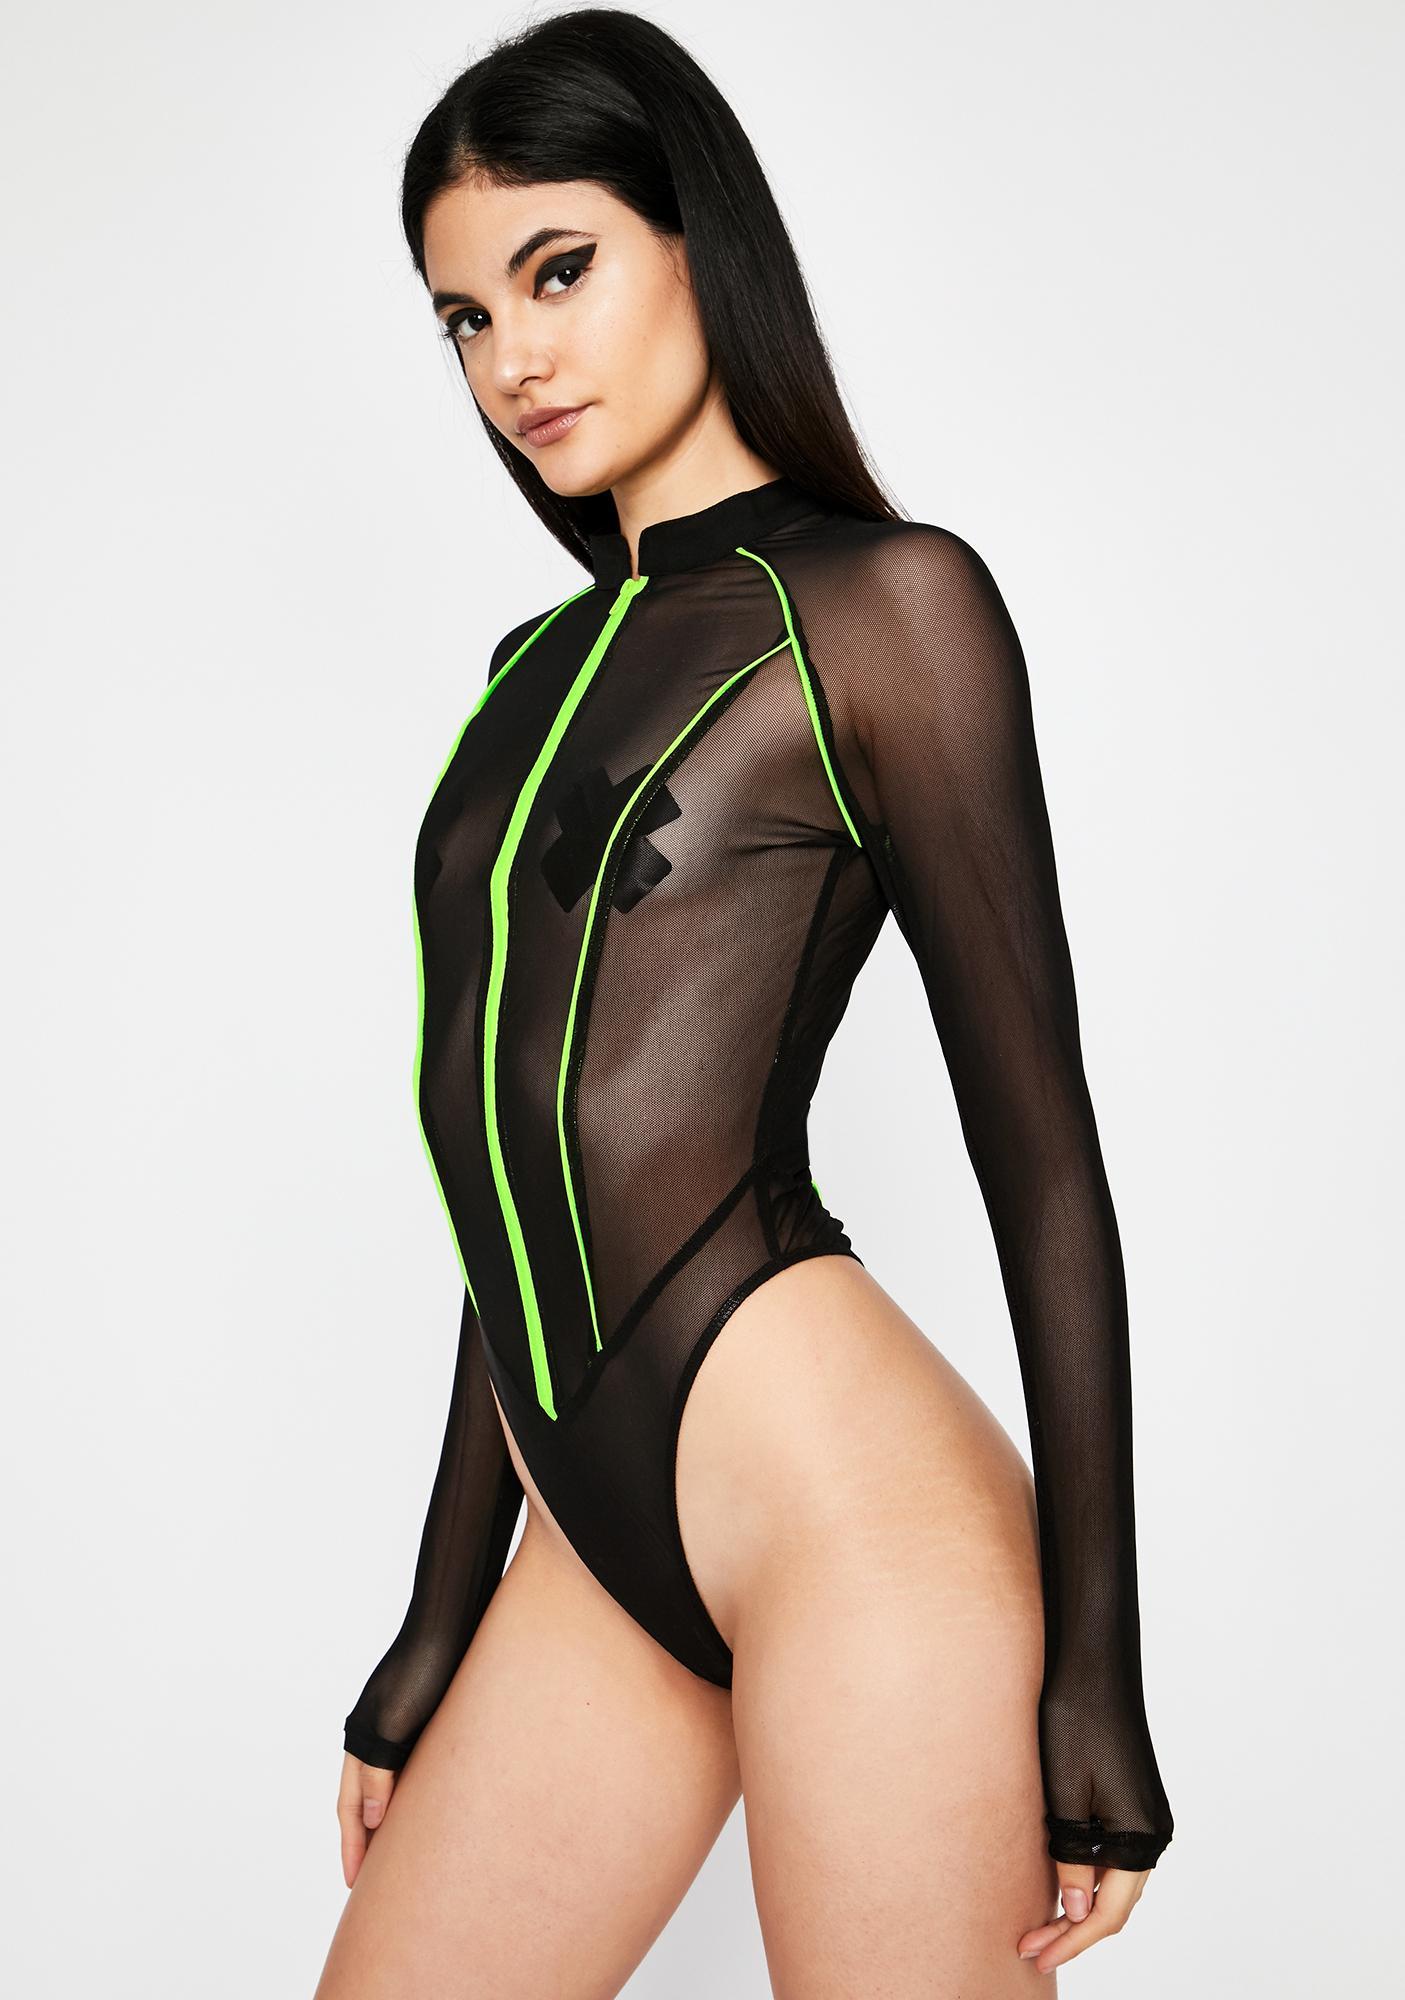 Nox Rave Patrol Sheer Bodysuit